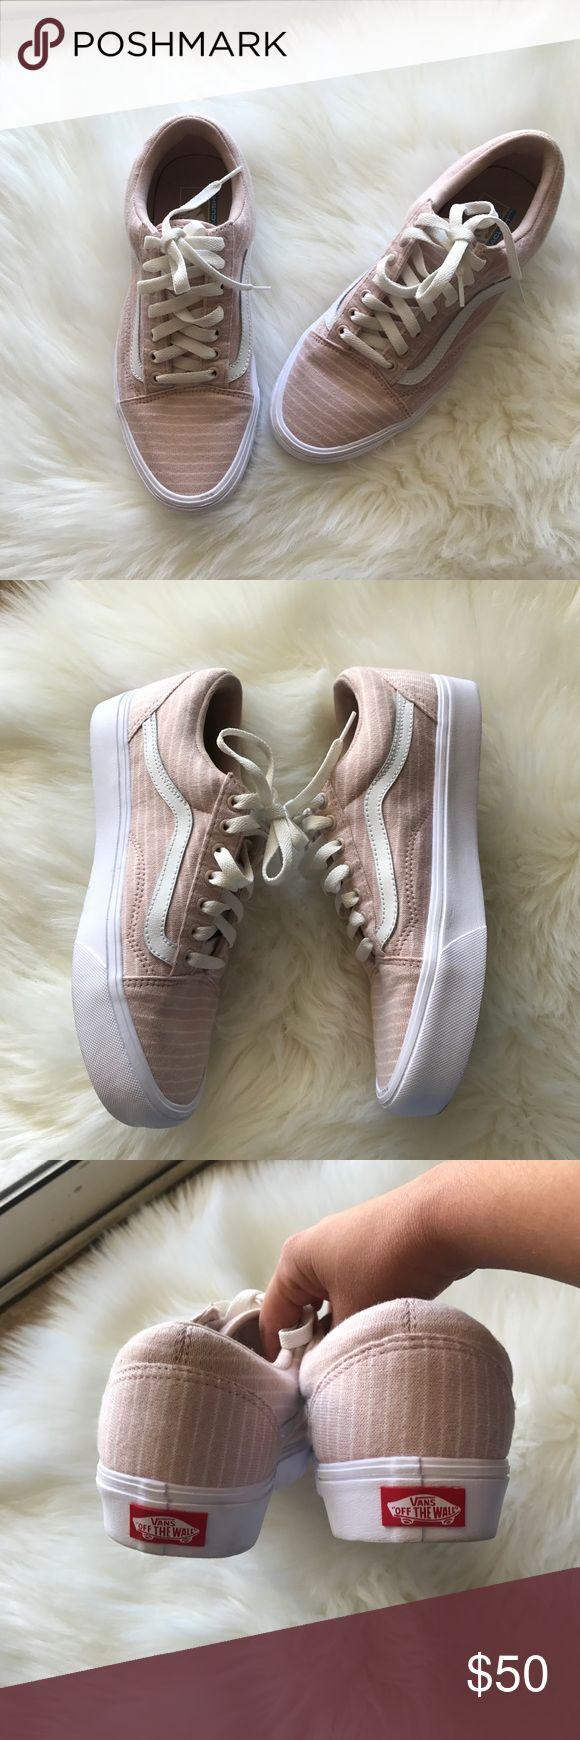 Vans Old Skool Lite Stripe Sneaker Vans Old Skool Lite